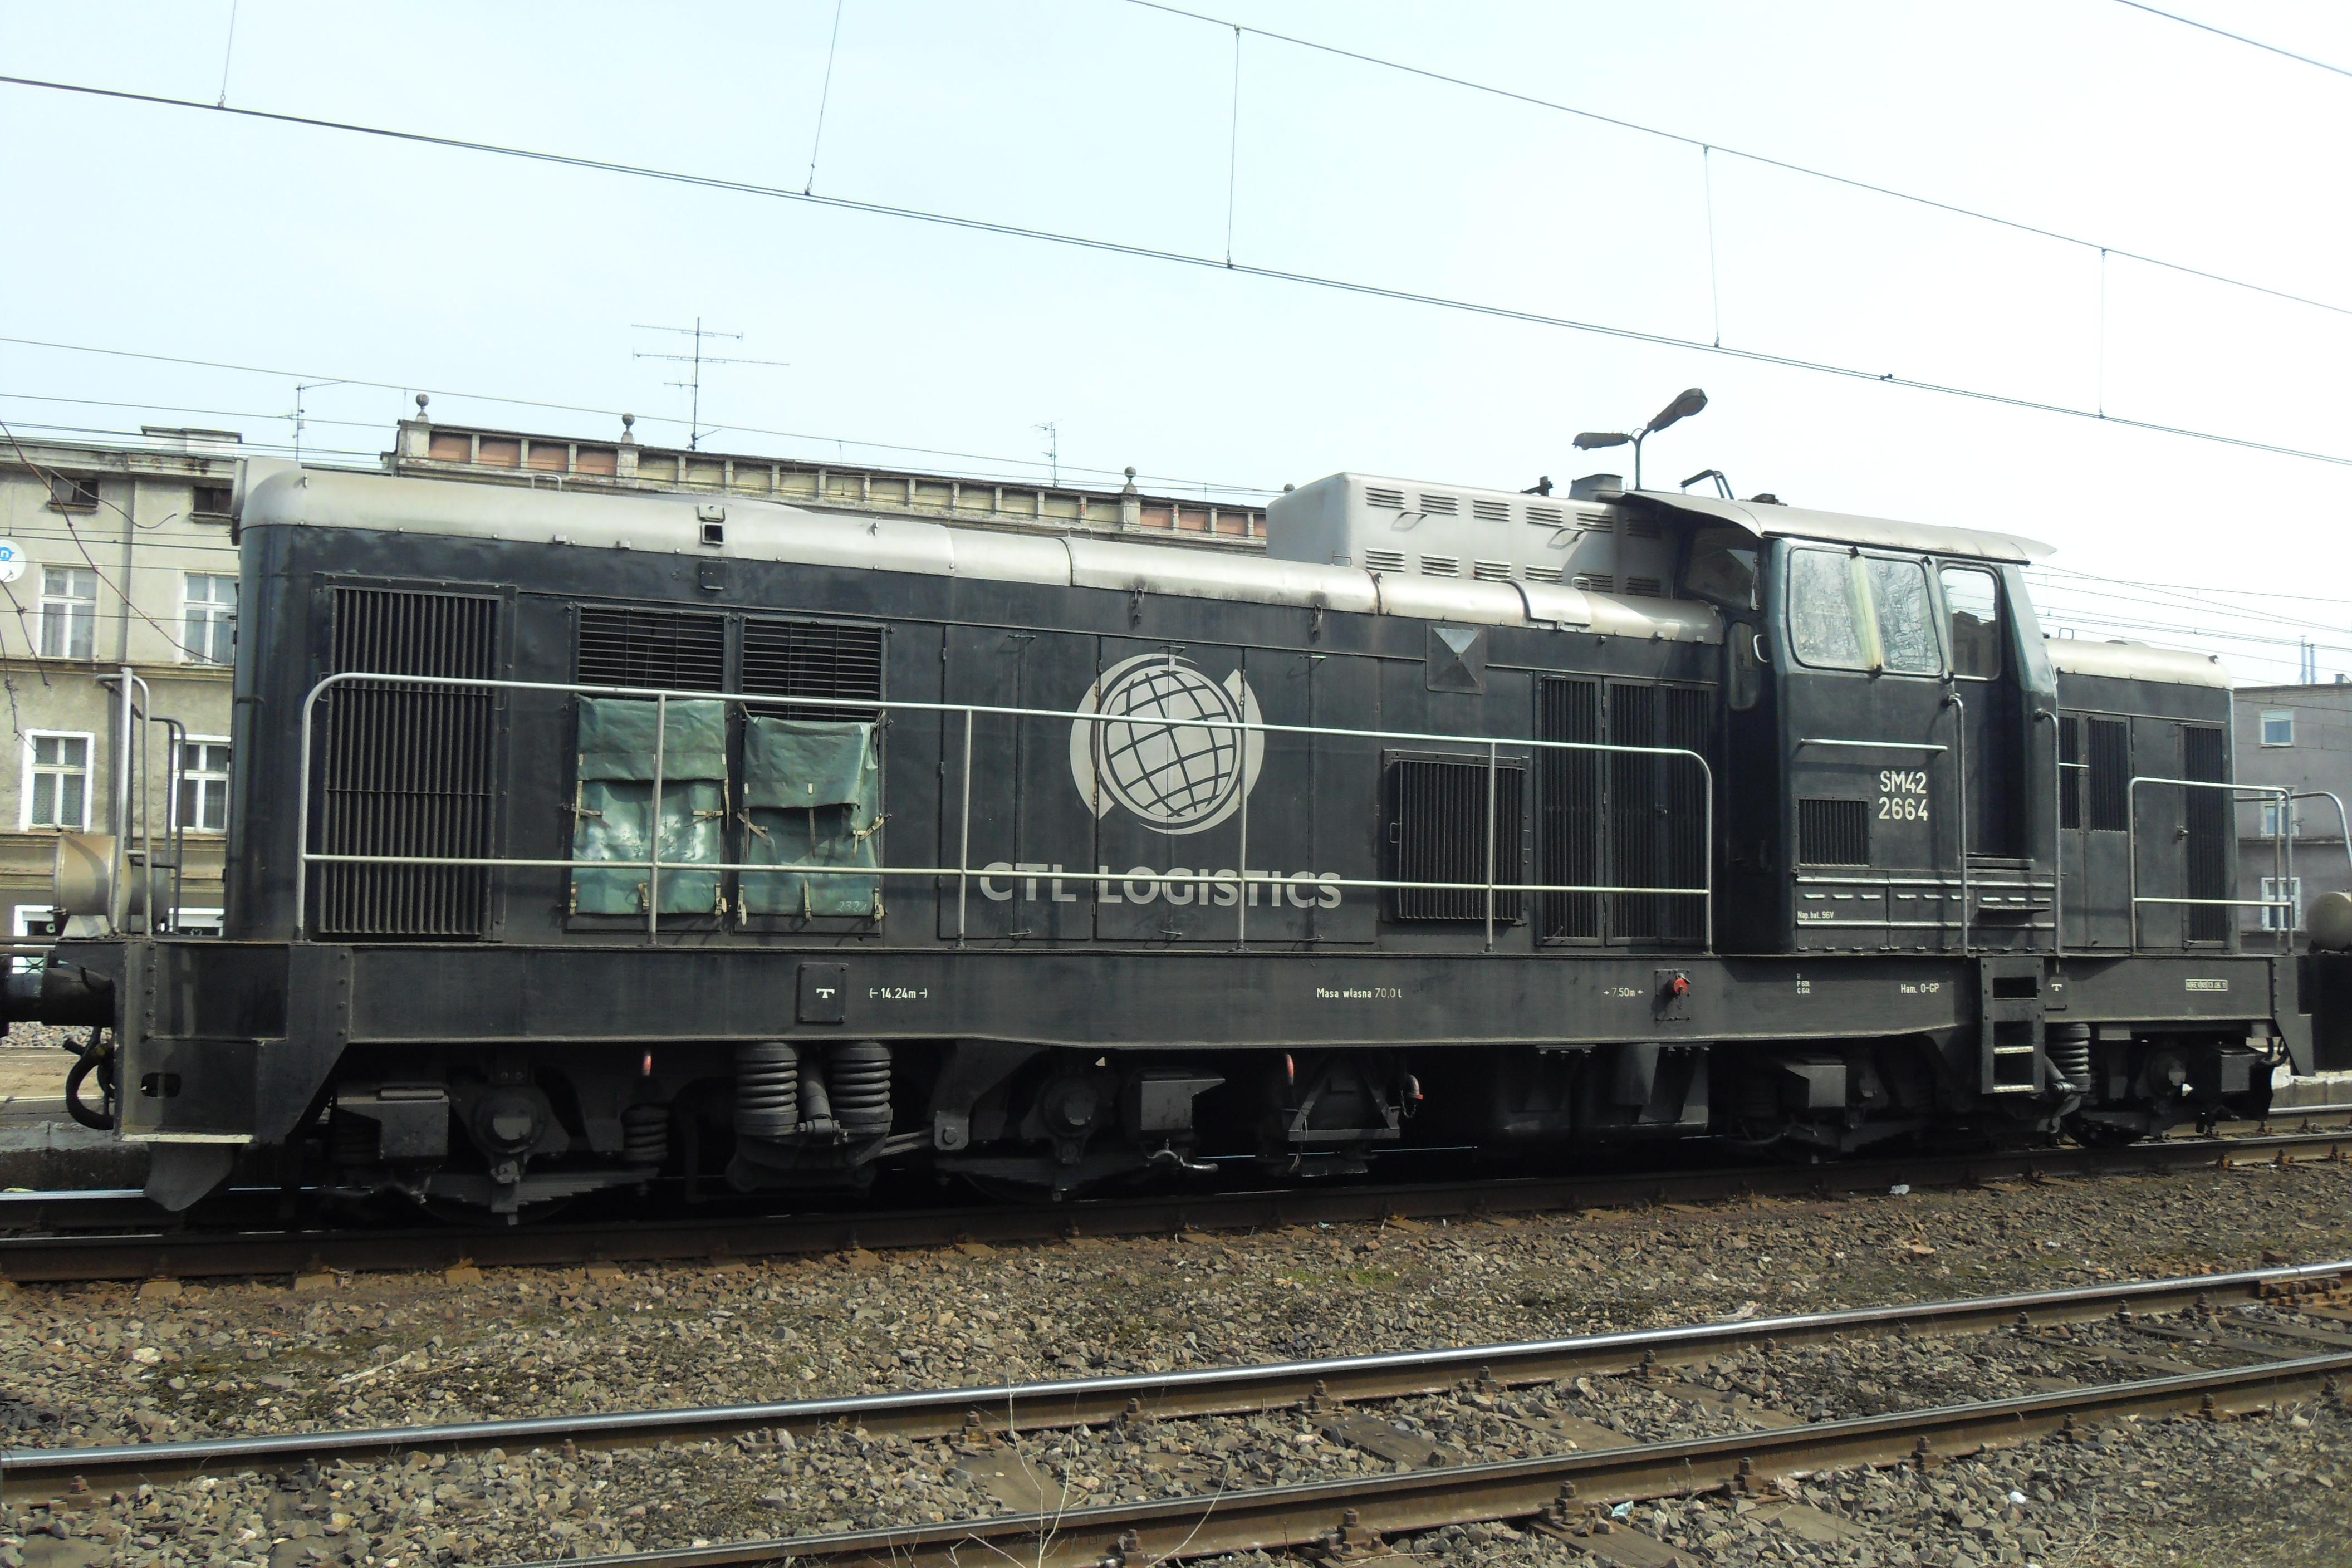 File:Gdańsk Wrzeszcz SM42–2664 CTL LOGISTICS.JPG